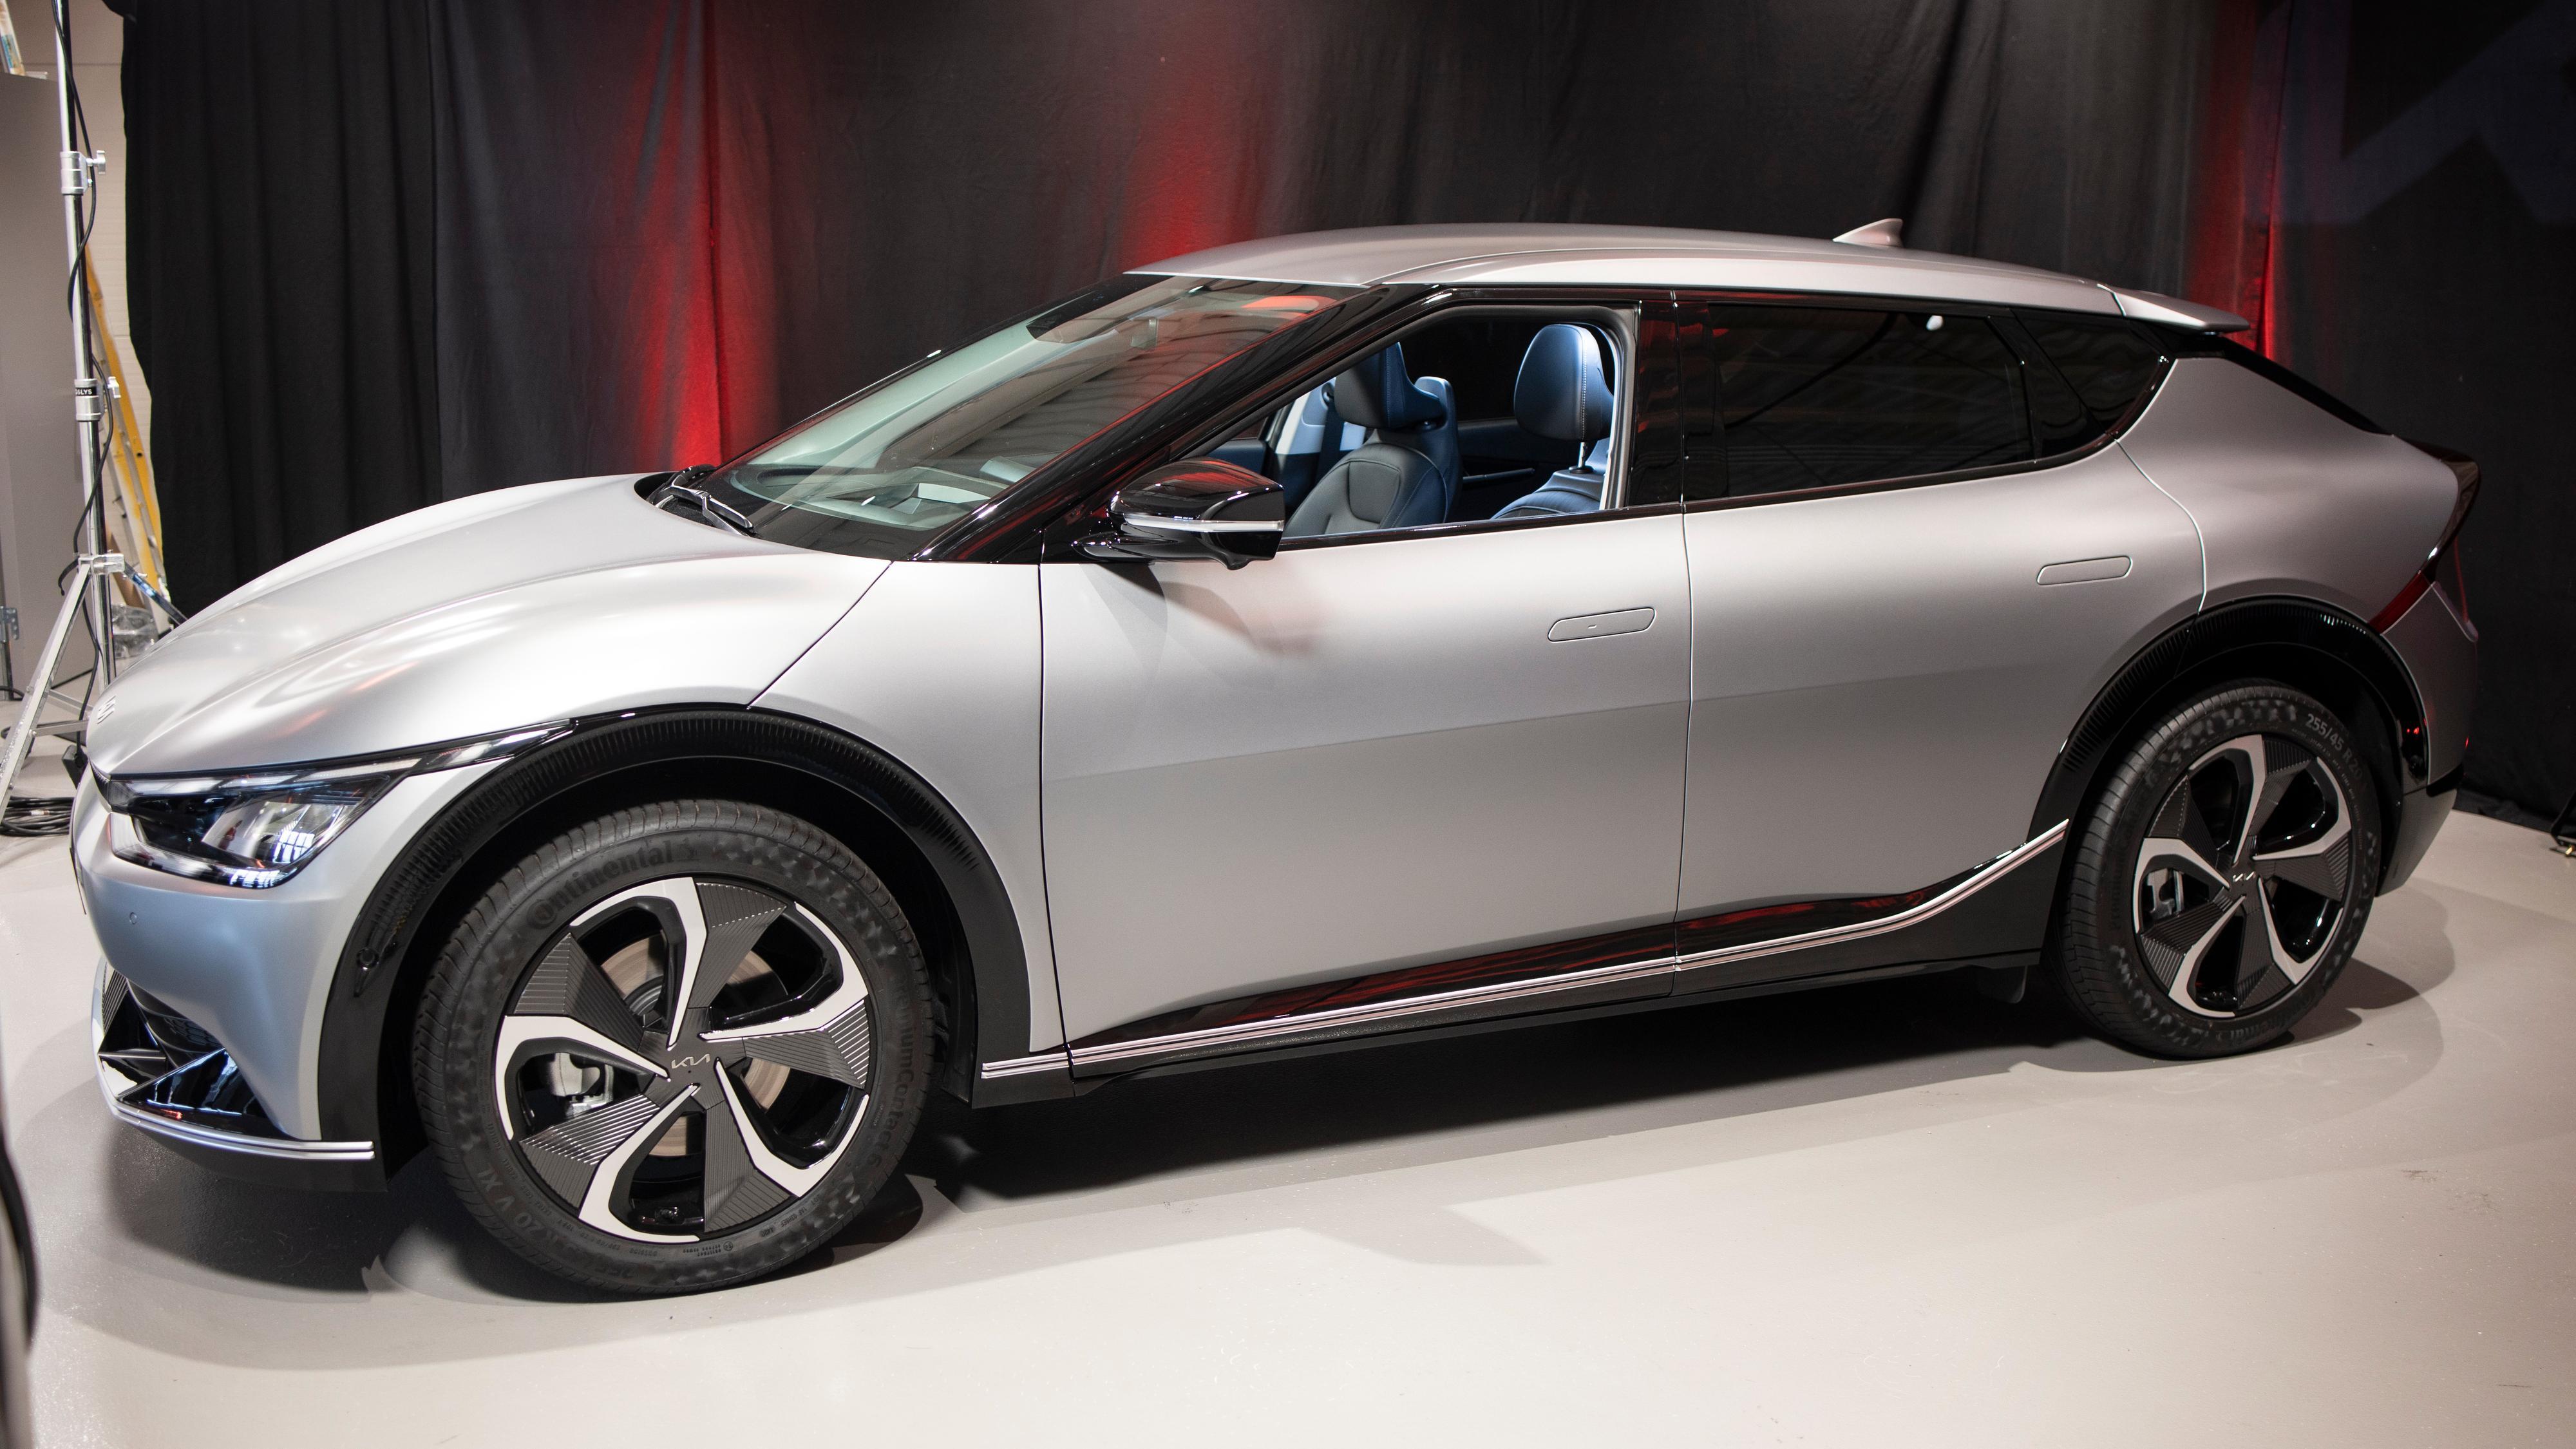 Oppjustering av rekkevidde er ikke uvanlig for Kia og Hyundai. I 2020 ble Hyundai Konas rekkevidde justert opp da produsenten byttet ut dekkene de leverte med bilene med vesentlig mer effektive elbiltilpassede dekk.